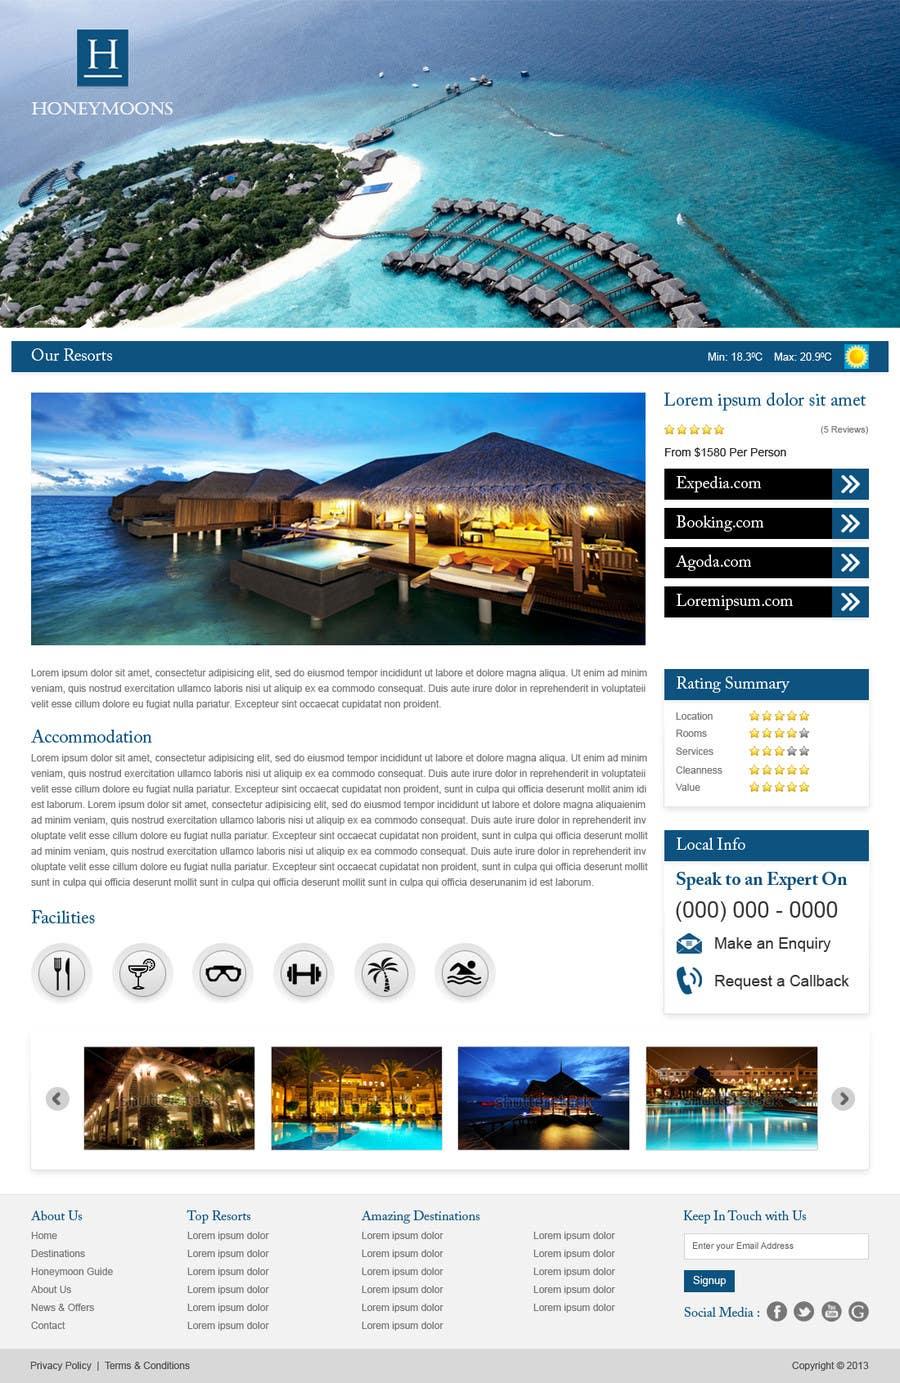 Penyertaan Peraduan #                                        43                                      untuk                                         Website Design for Honeymoons website